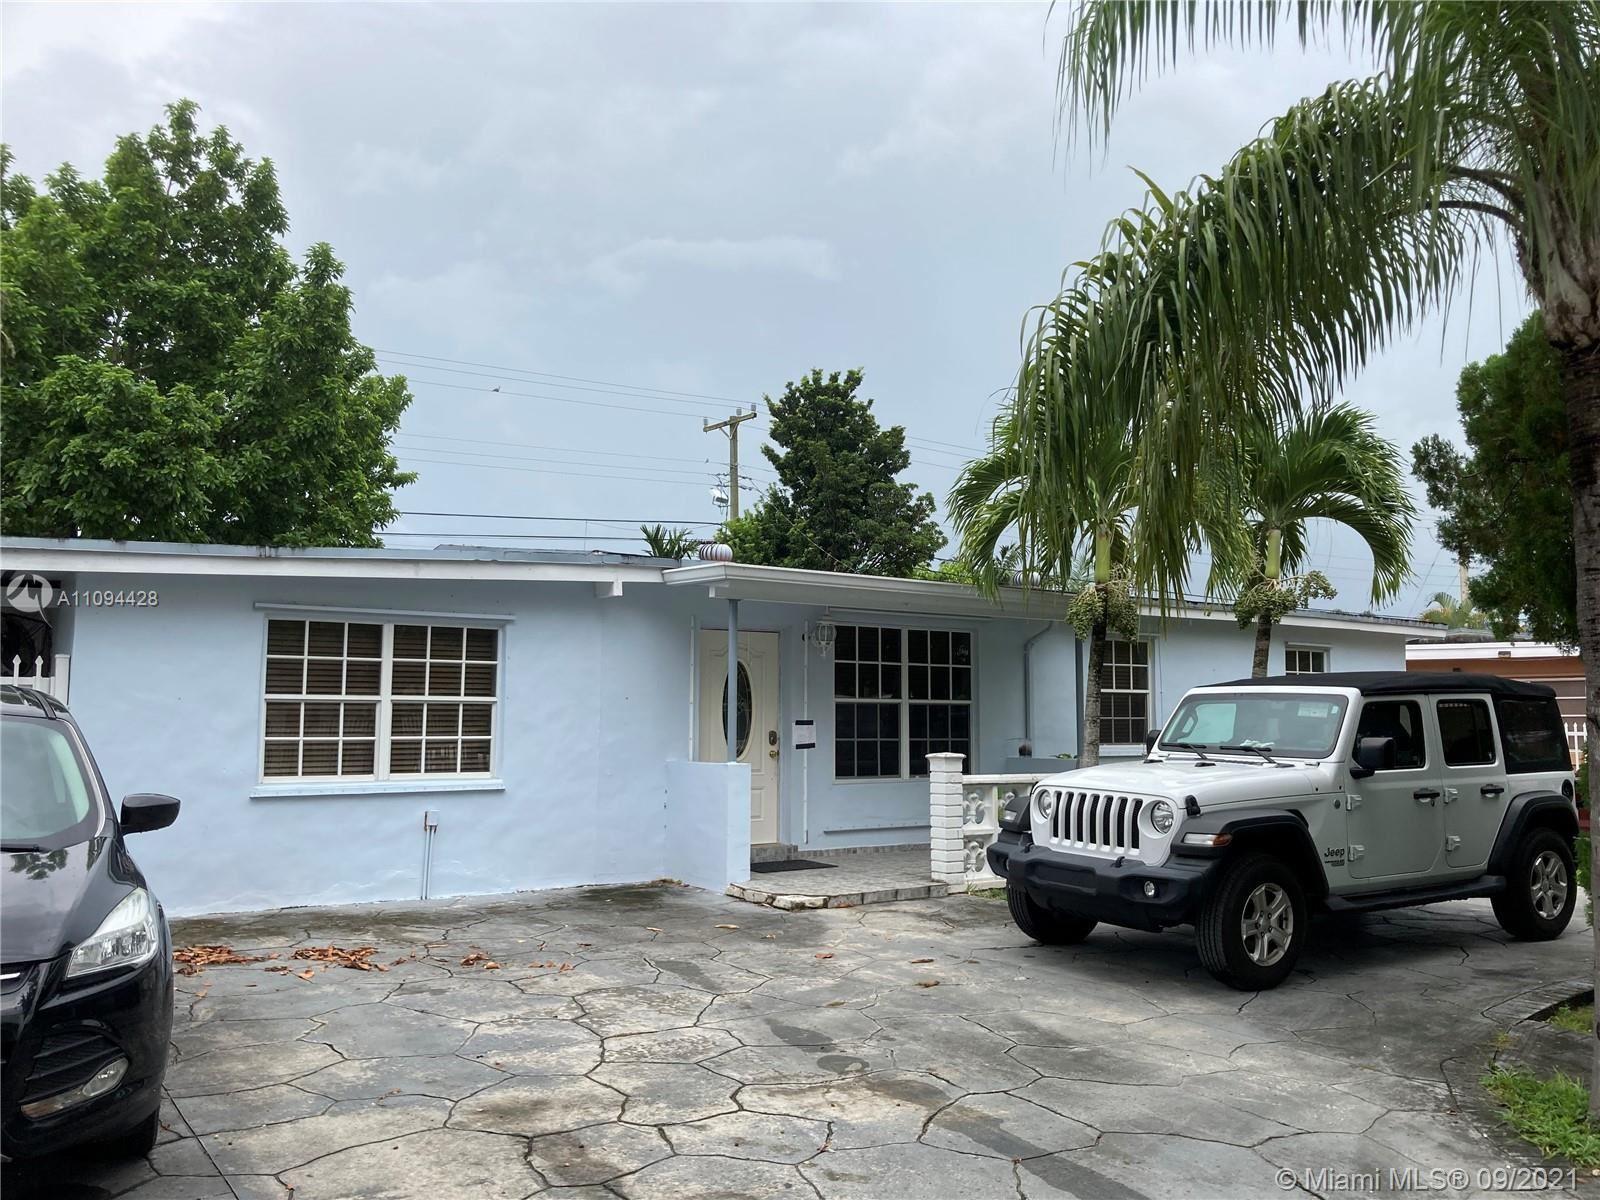 4121 SW 112th Ave, Miami, FL 33165 - #: A11094428